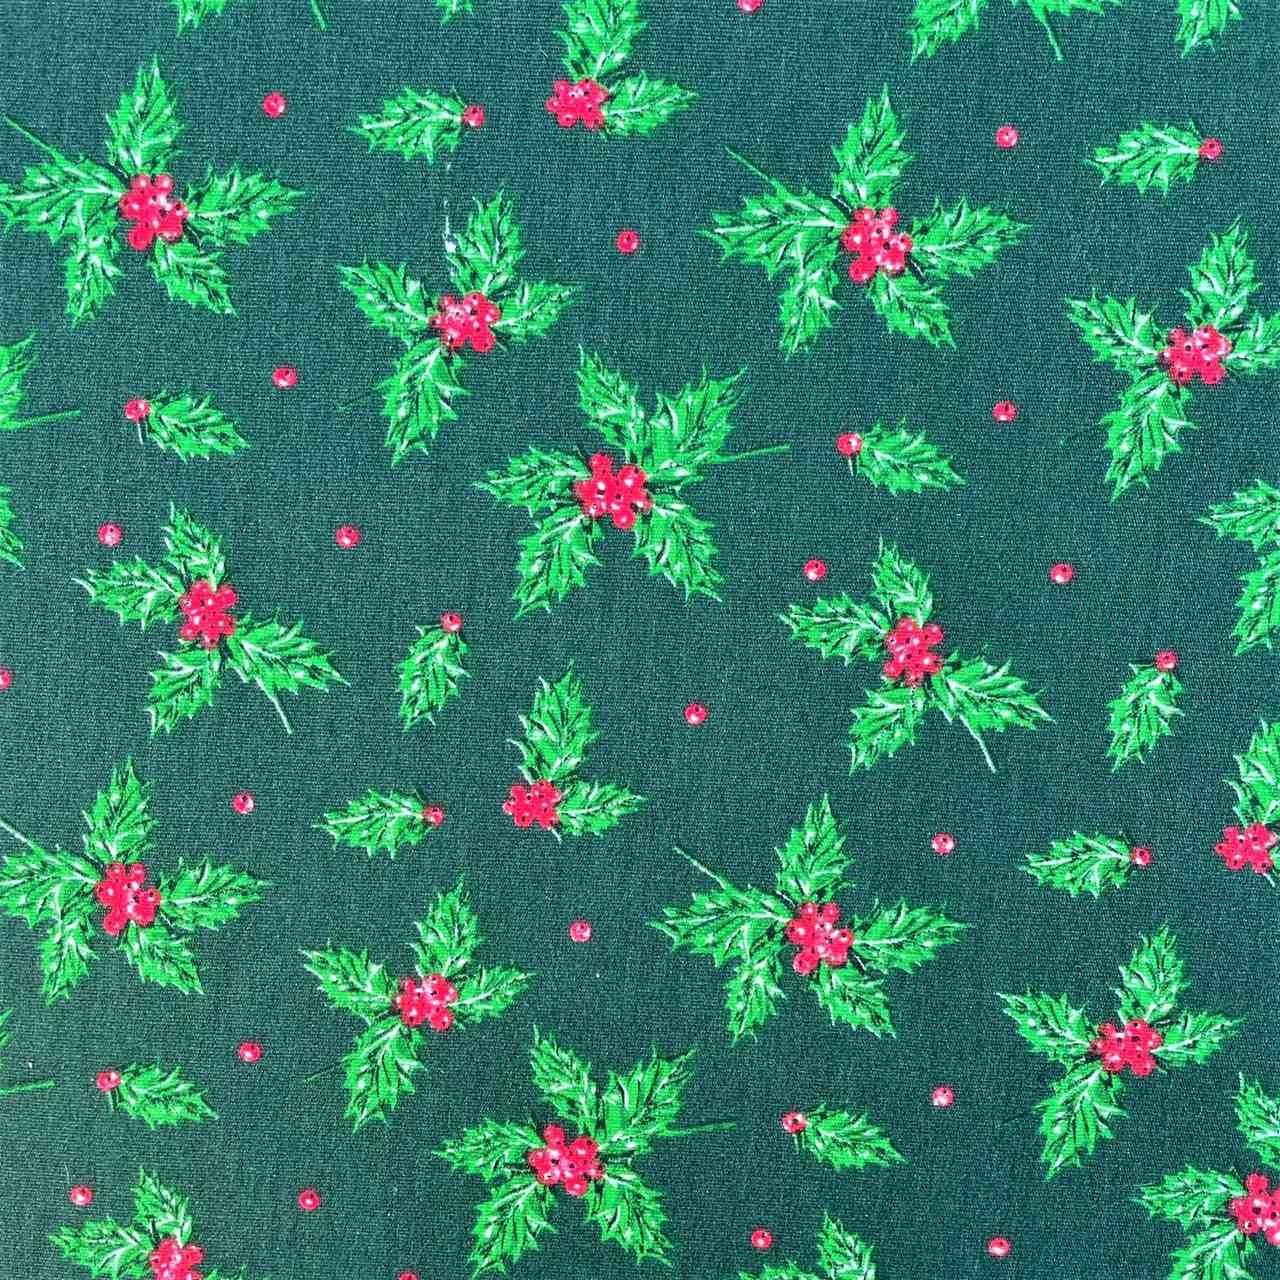 Folha de Eva Com Tecido de Natal 2021 - Coleção 2 - 40x30 cm